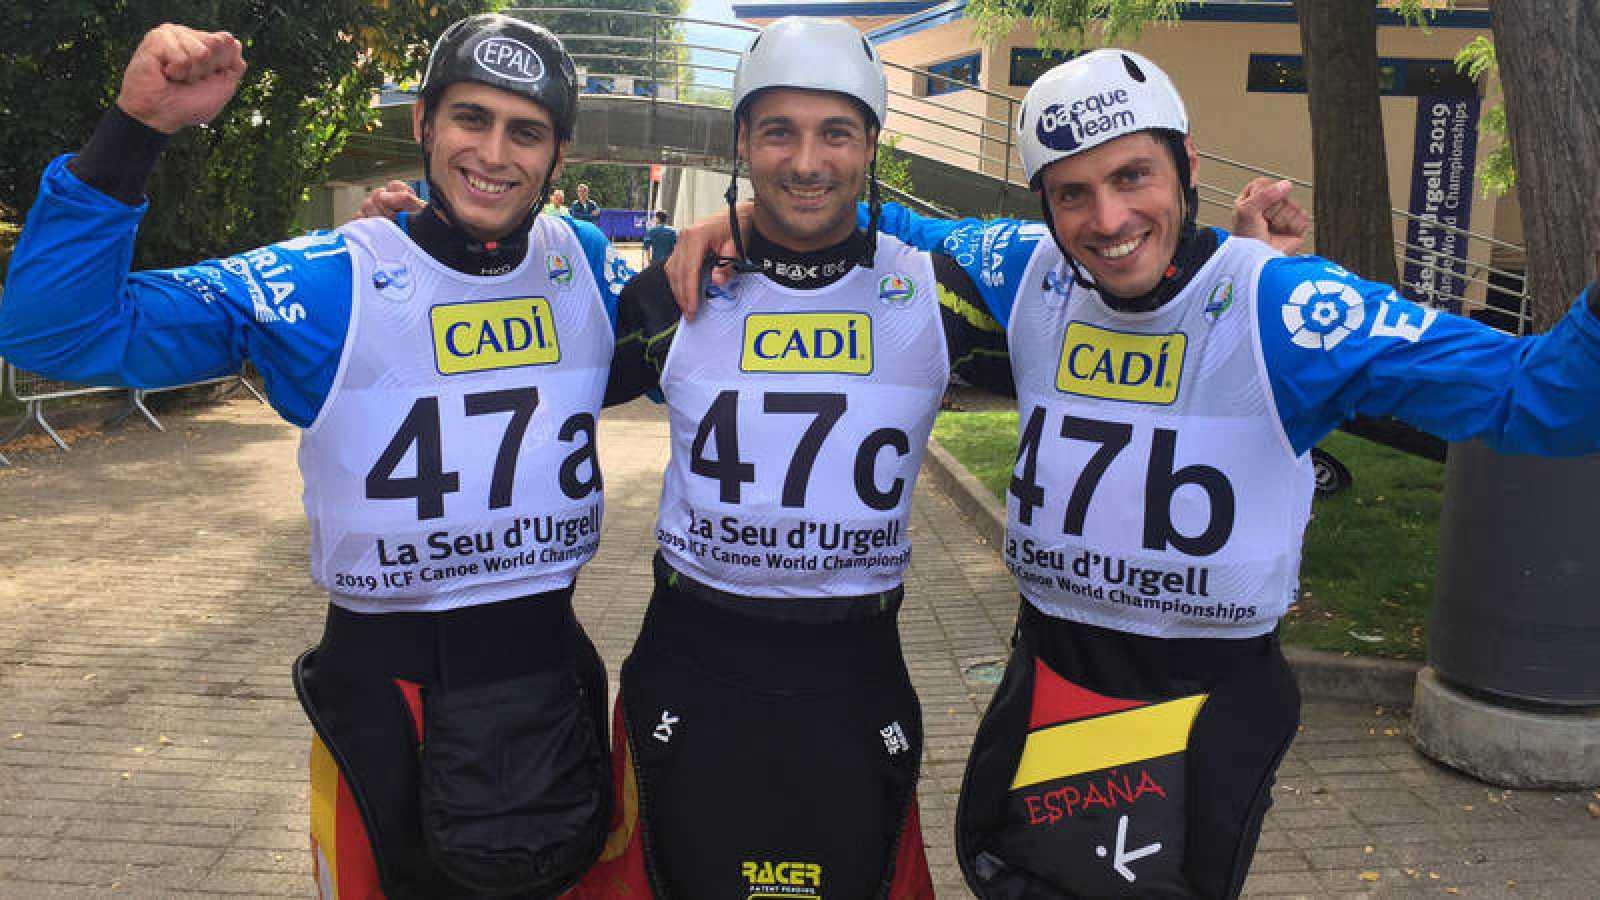 David Llorente, Joan Crespo y Samuel Hernanz celebran su victoria en el Mundial de Piragüismo